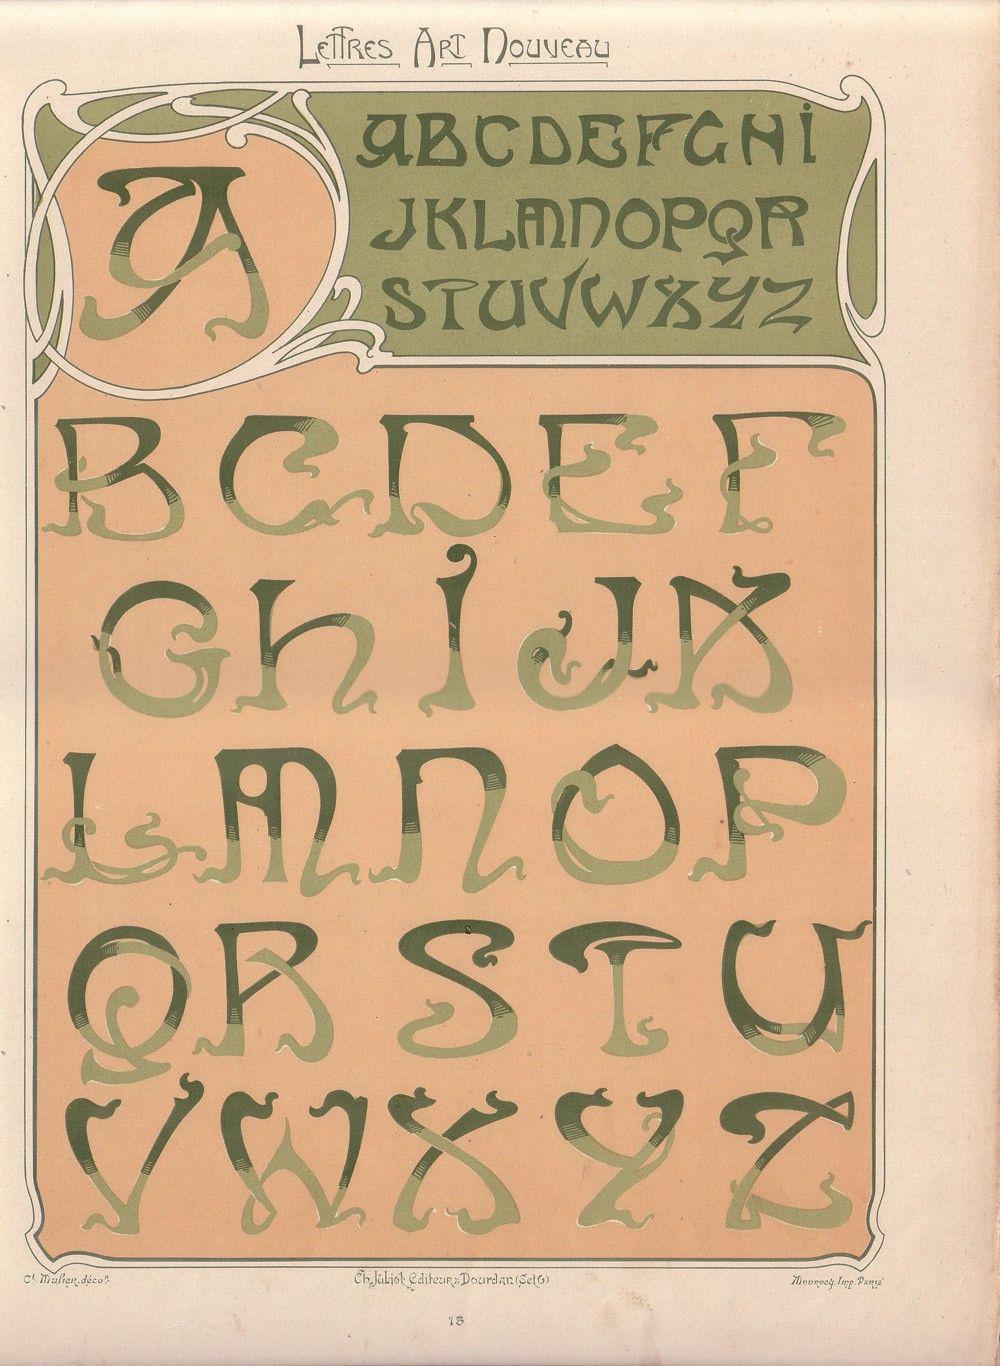 original art nouveau lithograph of decorative alphabet by artdecor art nouveau pinterest. Black Bedroom Furniture Sets. Home Design Ideas